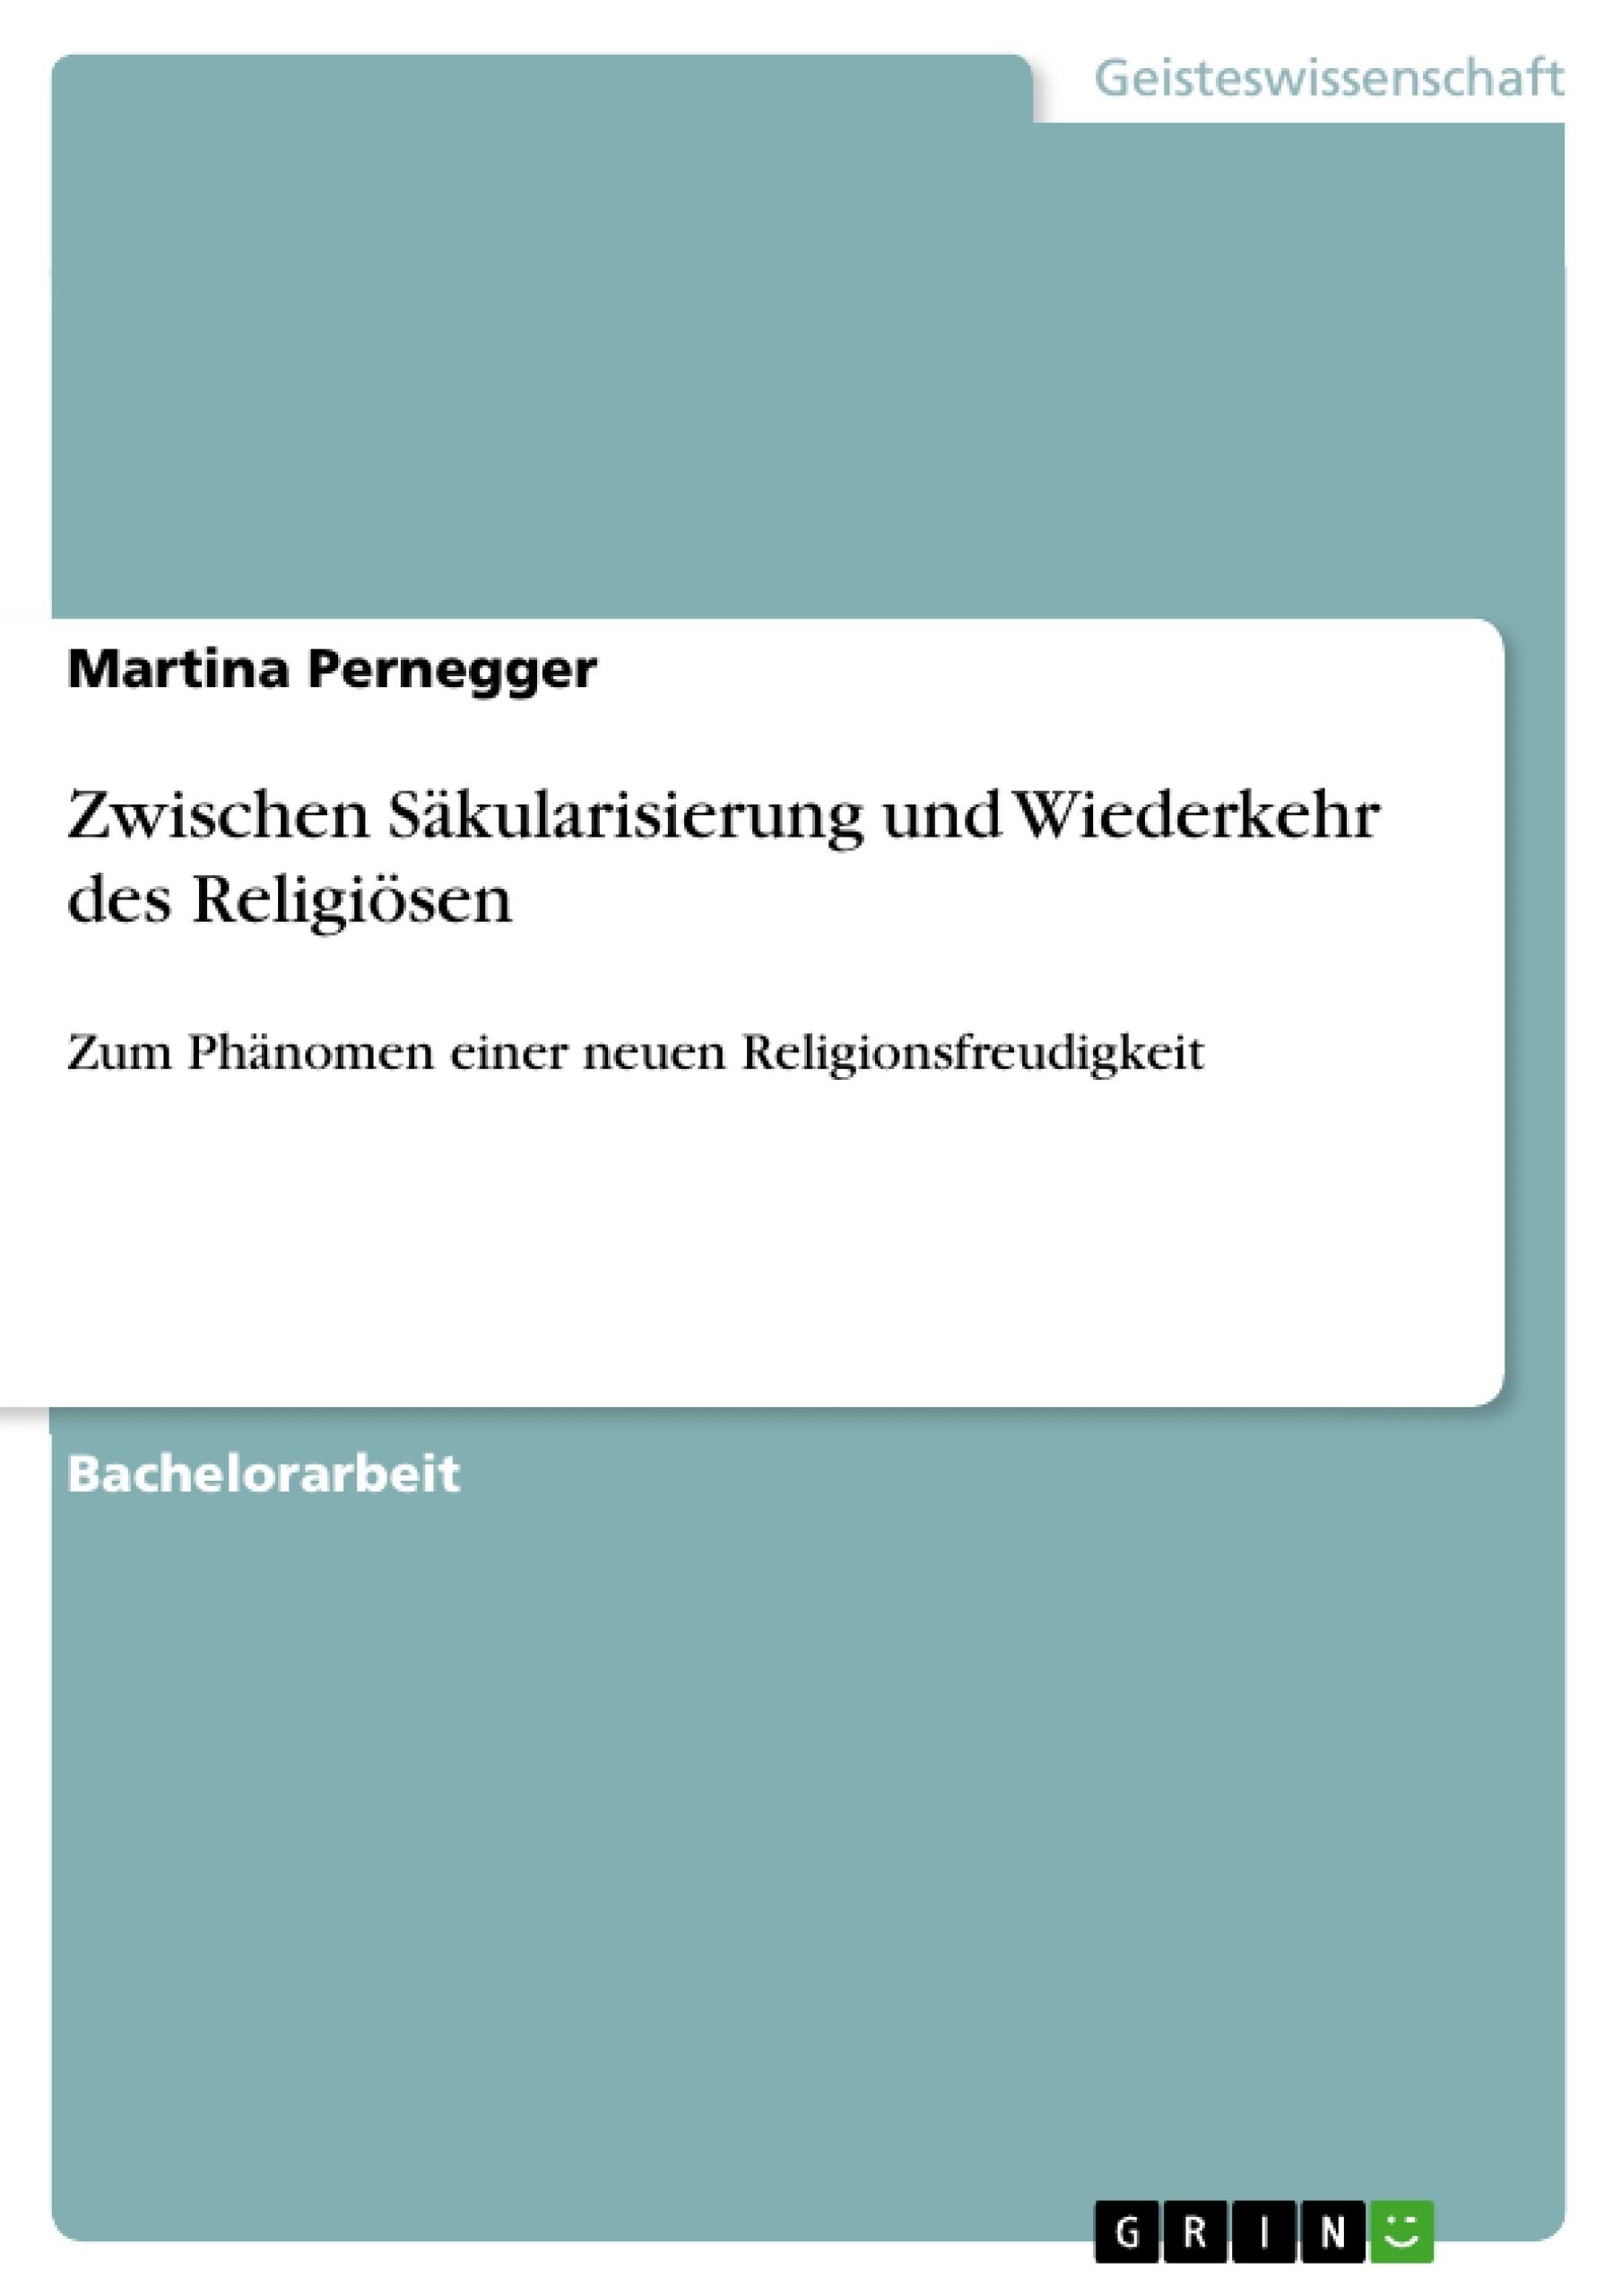 Titel: Zwischen Säkularisierung und Wiederkehr des Religiösen